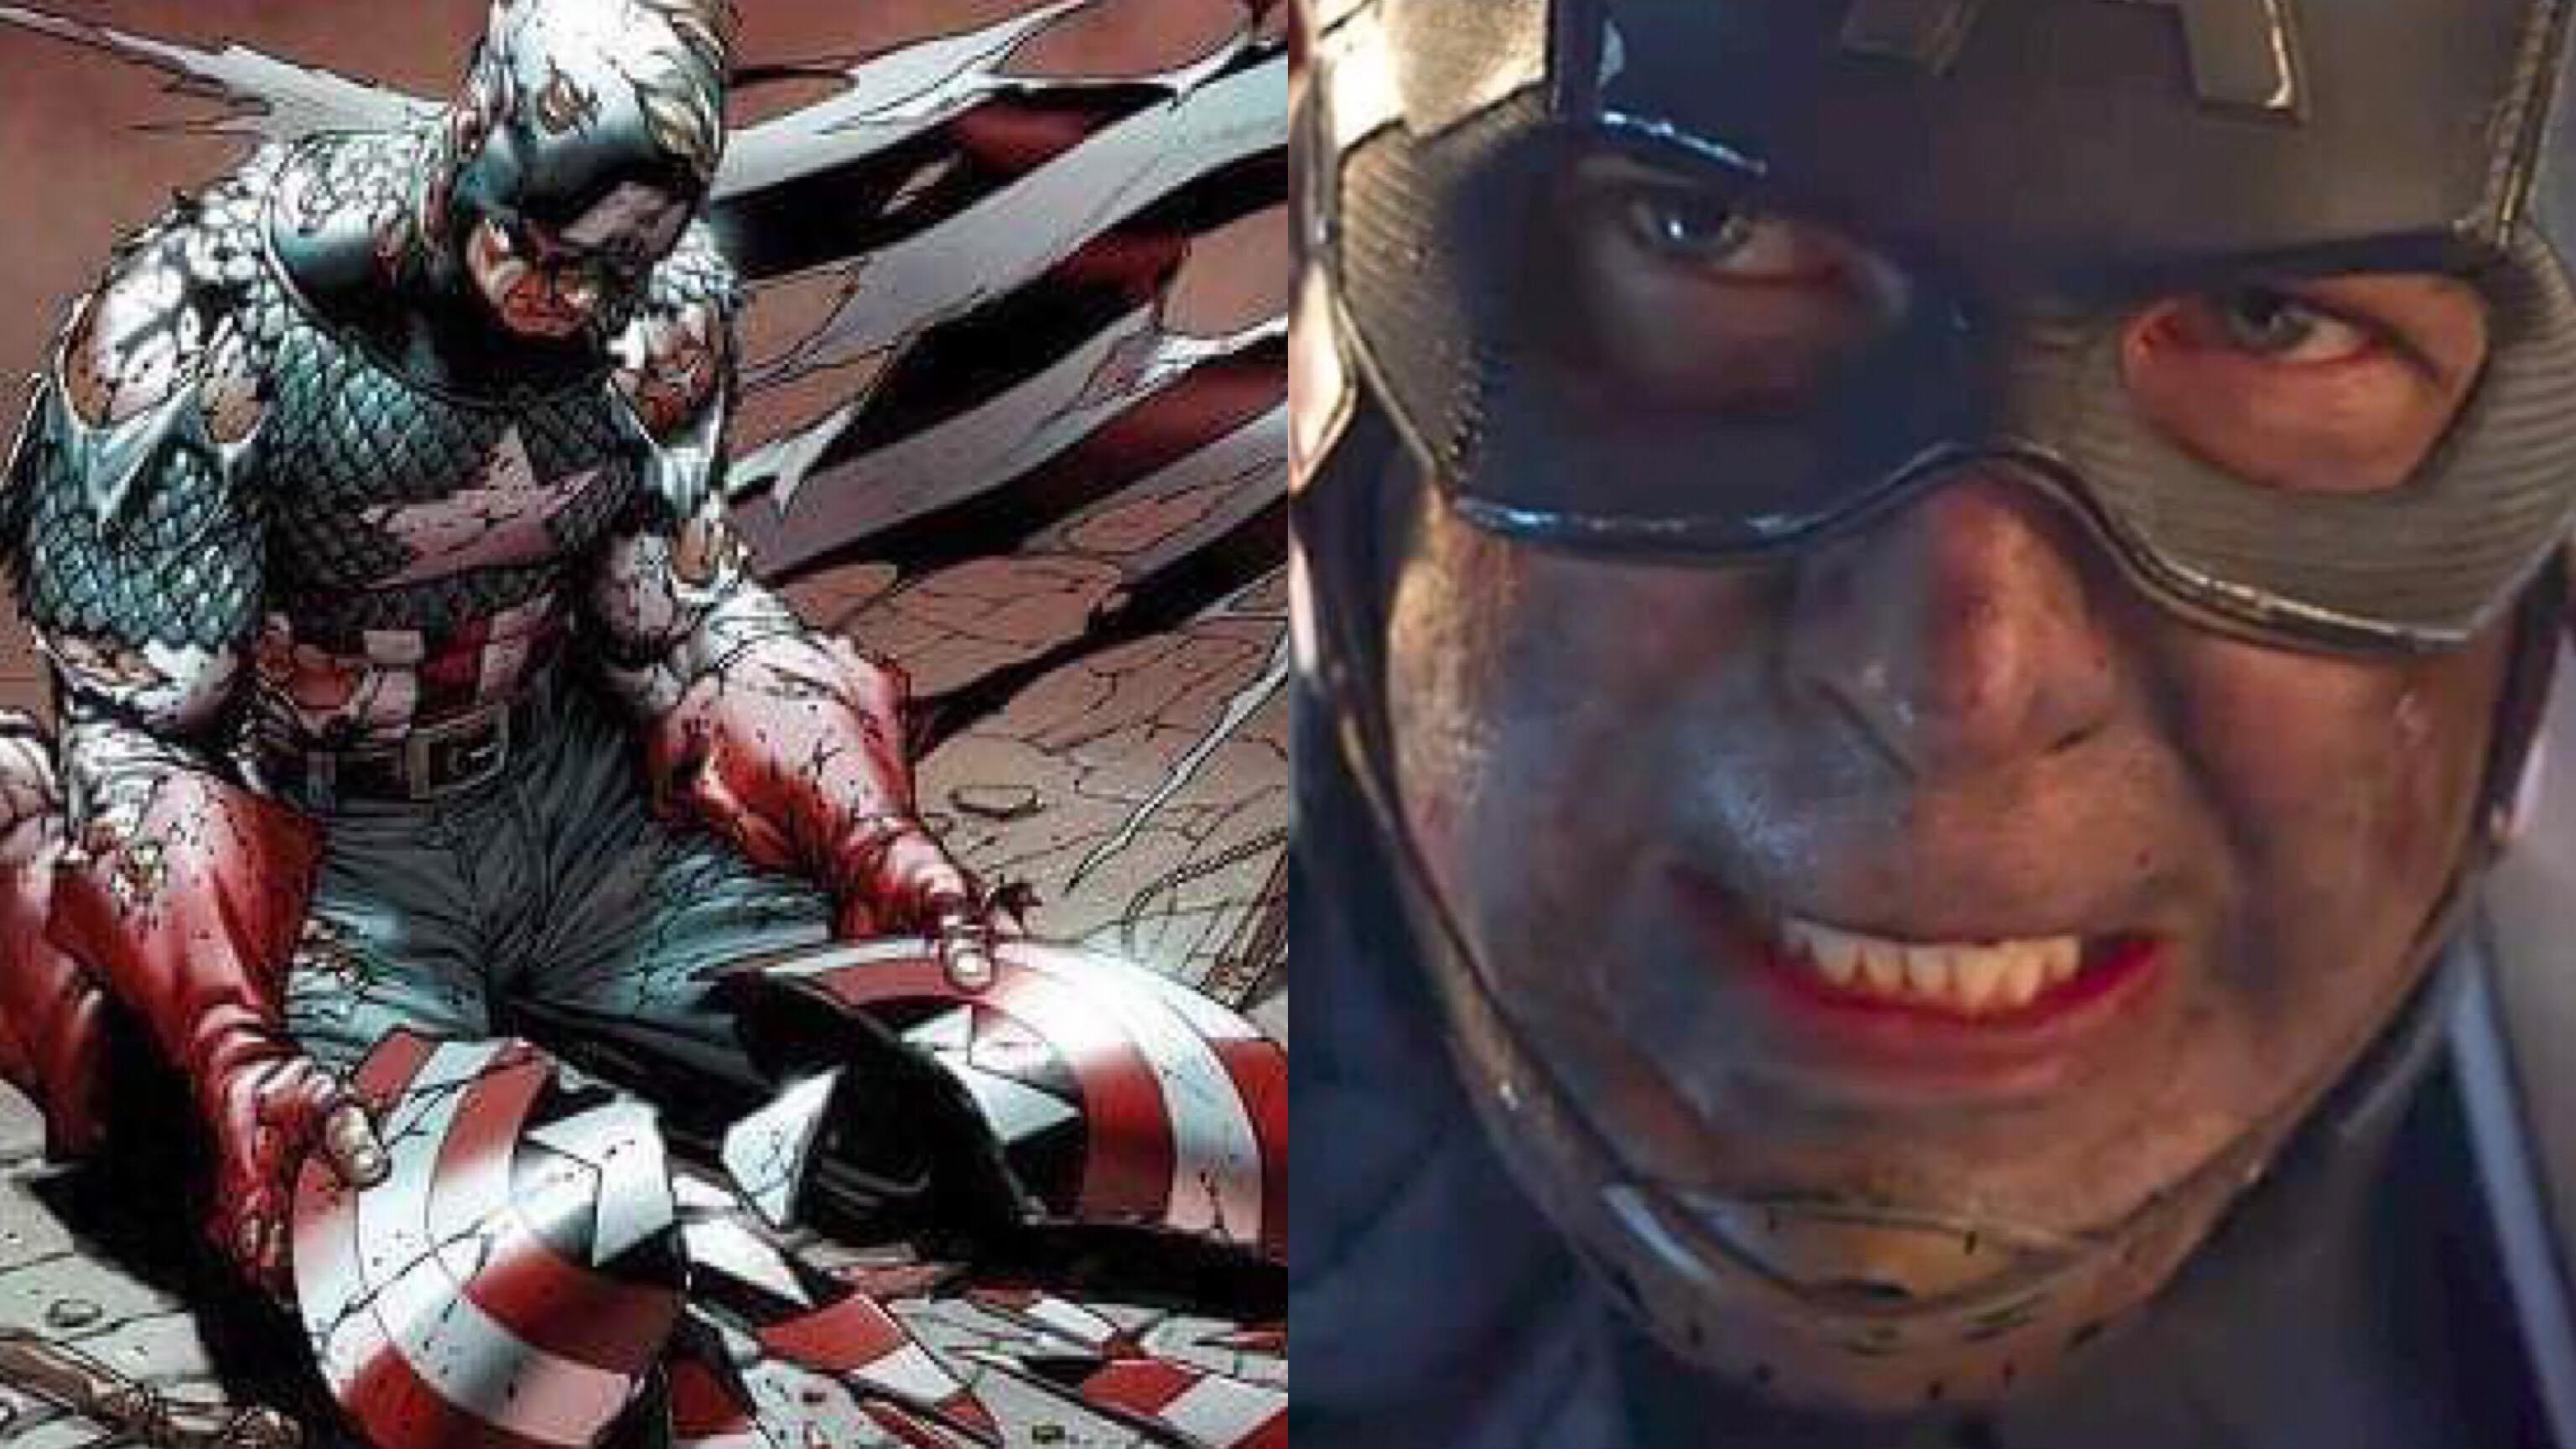 【分析文】《復仇者聯盟4》為何薩諾斯可以「輕易打爛」美國隊長的盾牌? – 我們用電影寫日記